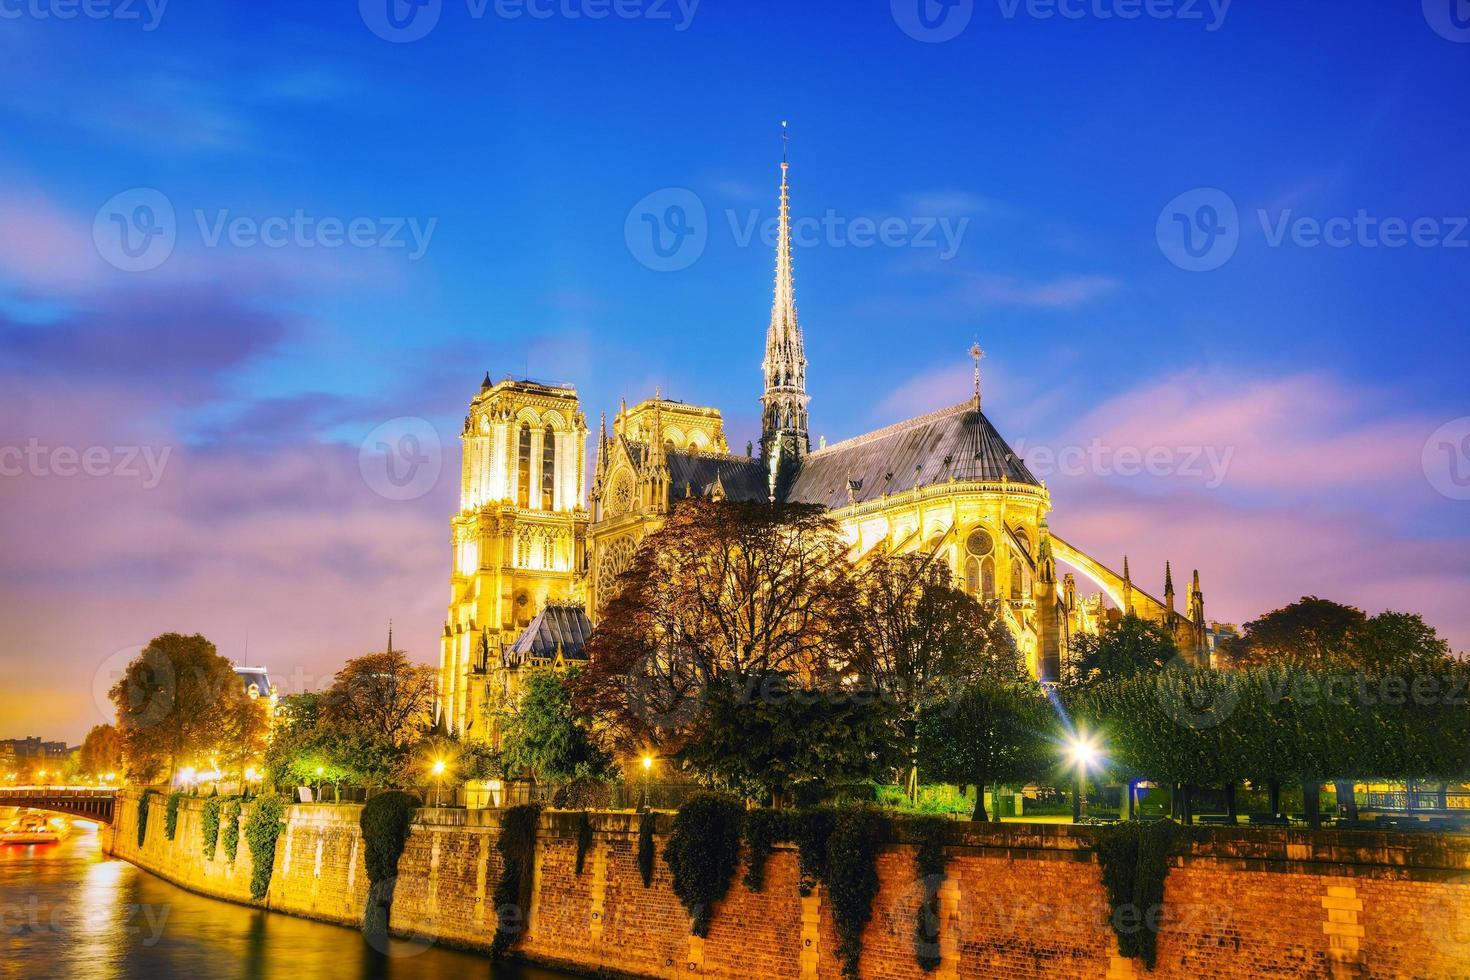 Cathédrale Notre-Dame de Paris photo